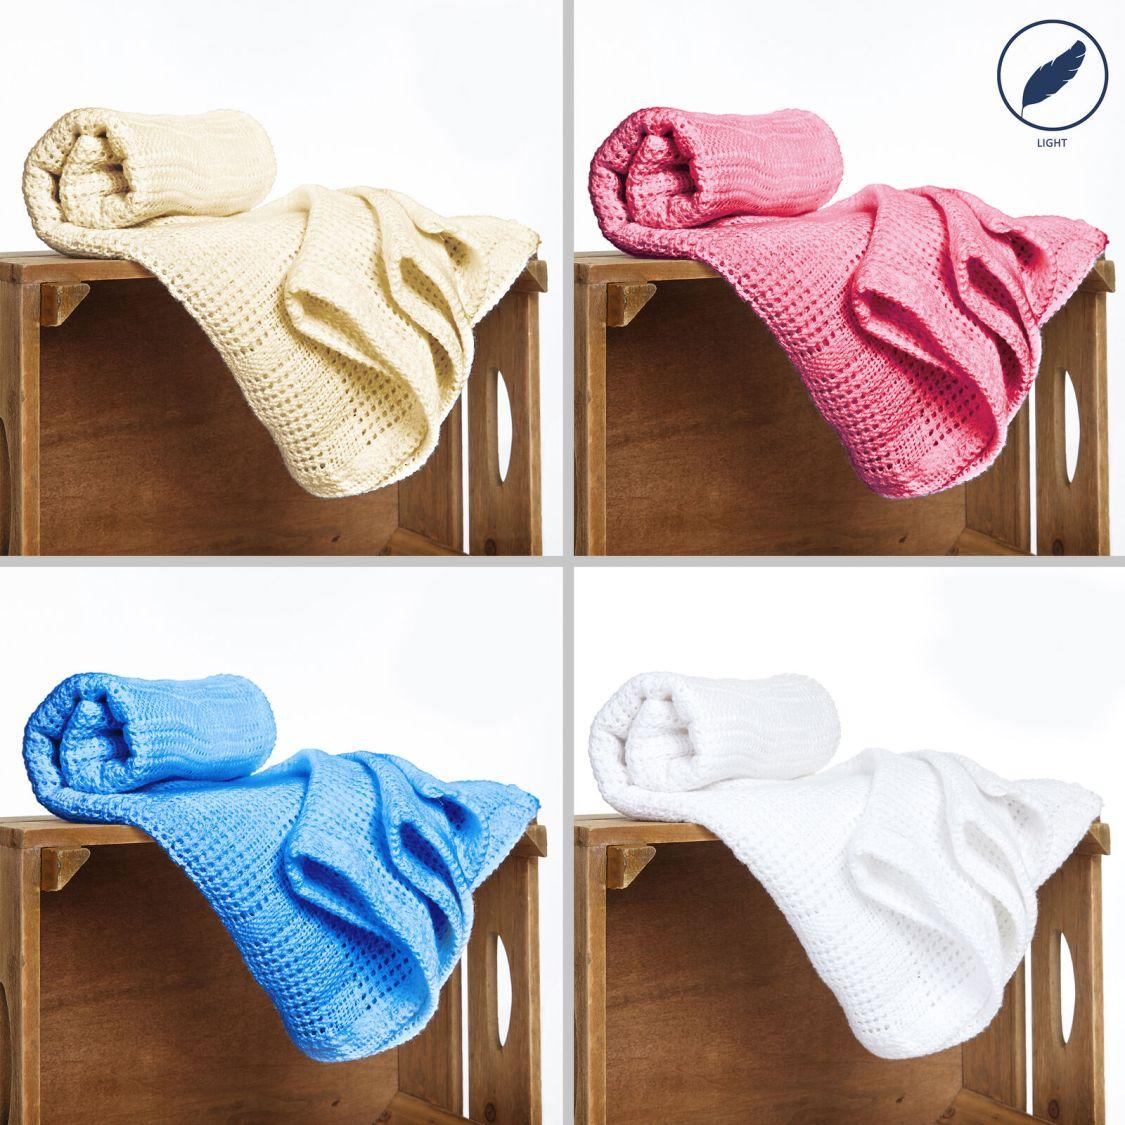 Baby Decke Baumwolldecke Erstlingsdecke Kuscheldecke 100% Baumwolle Krabbeldecke